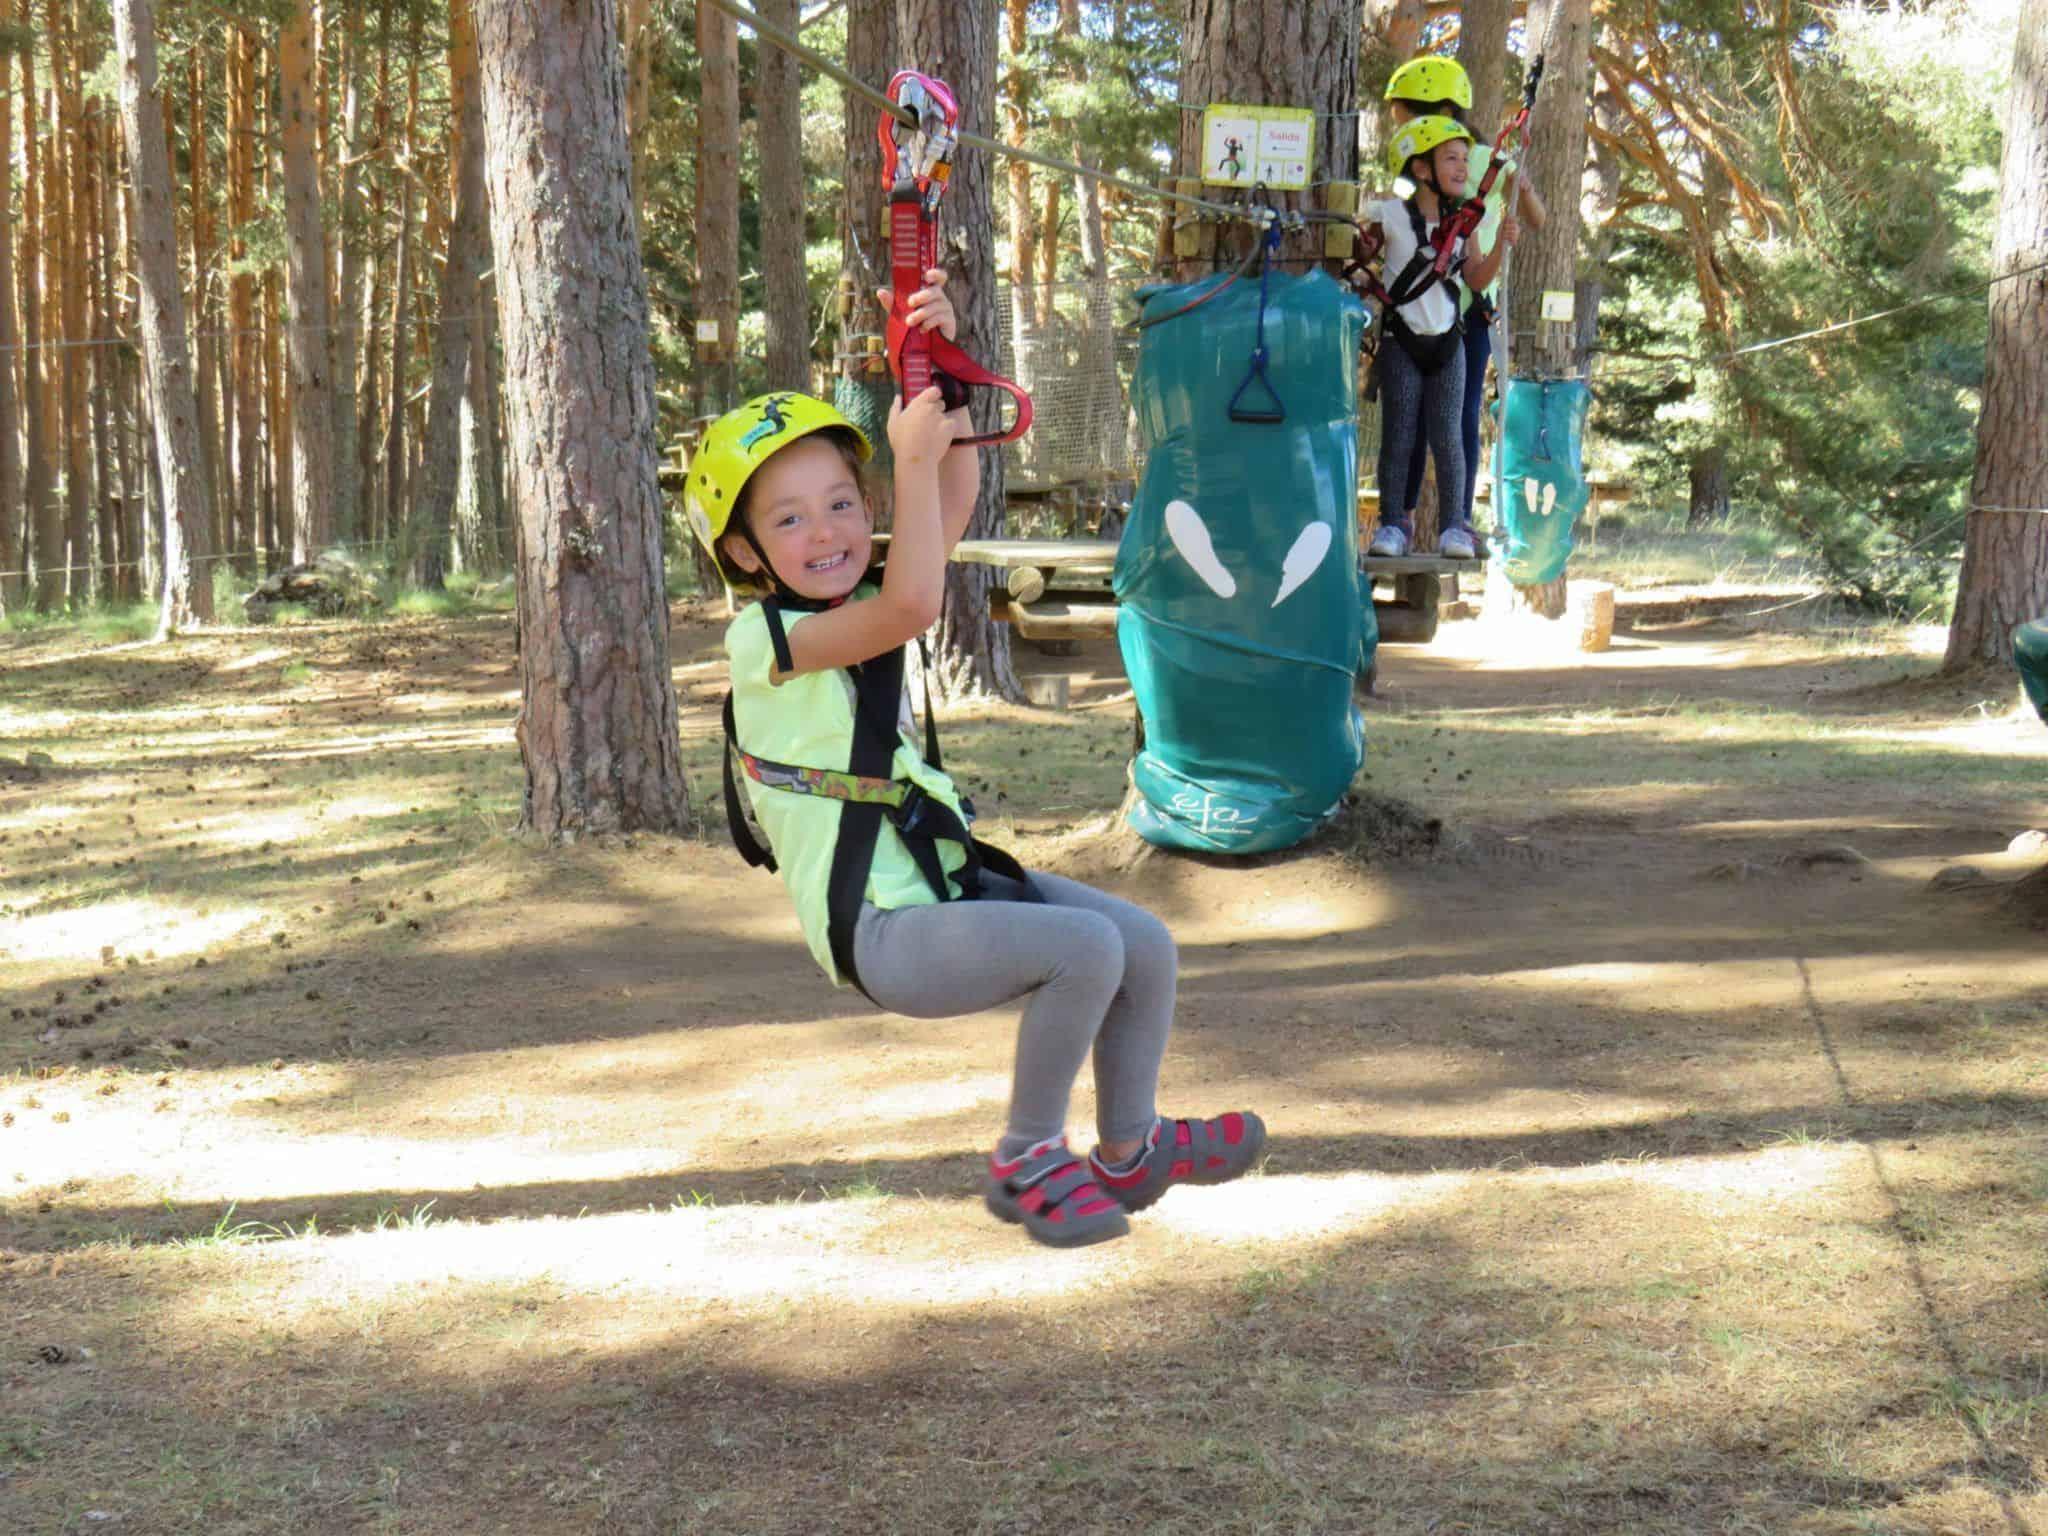 Parque de aventura en Gredos